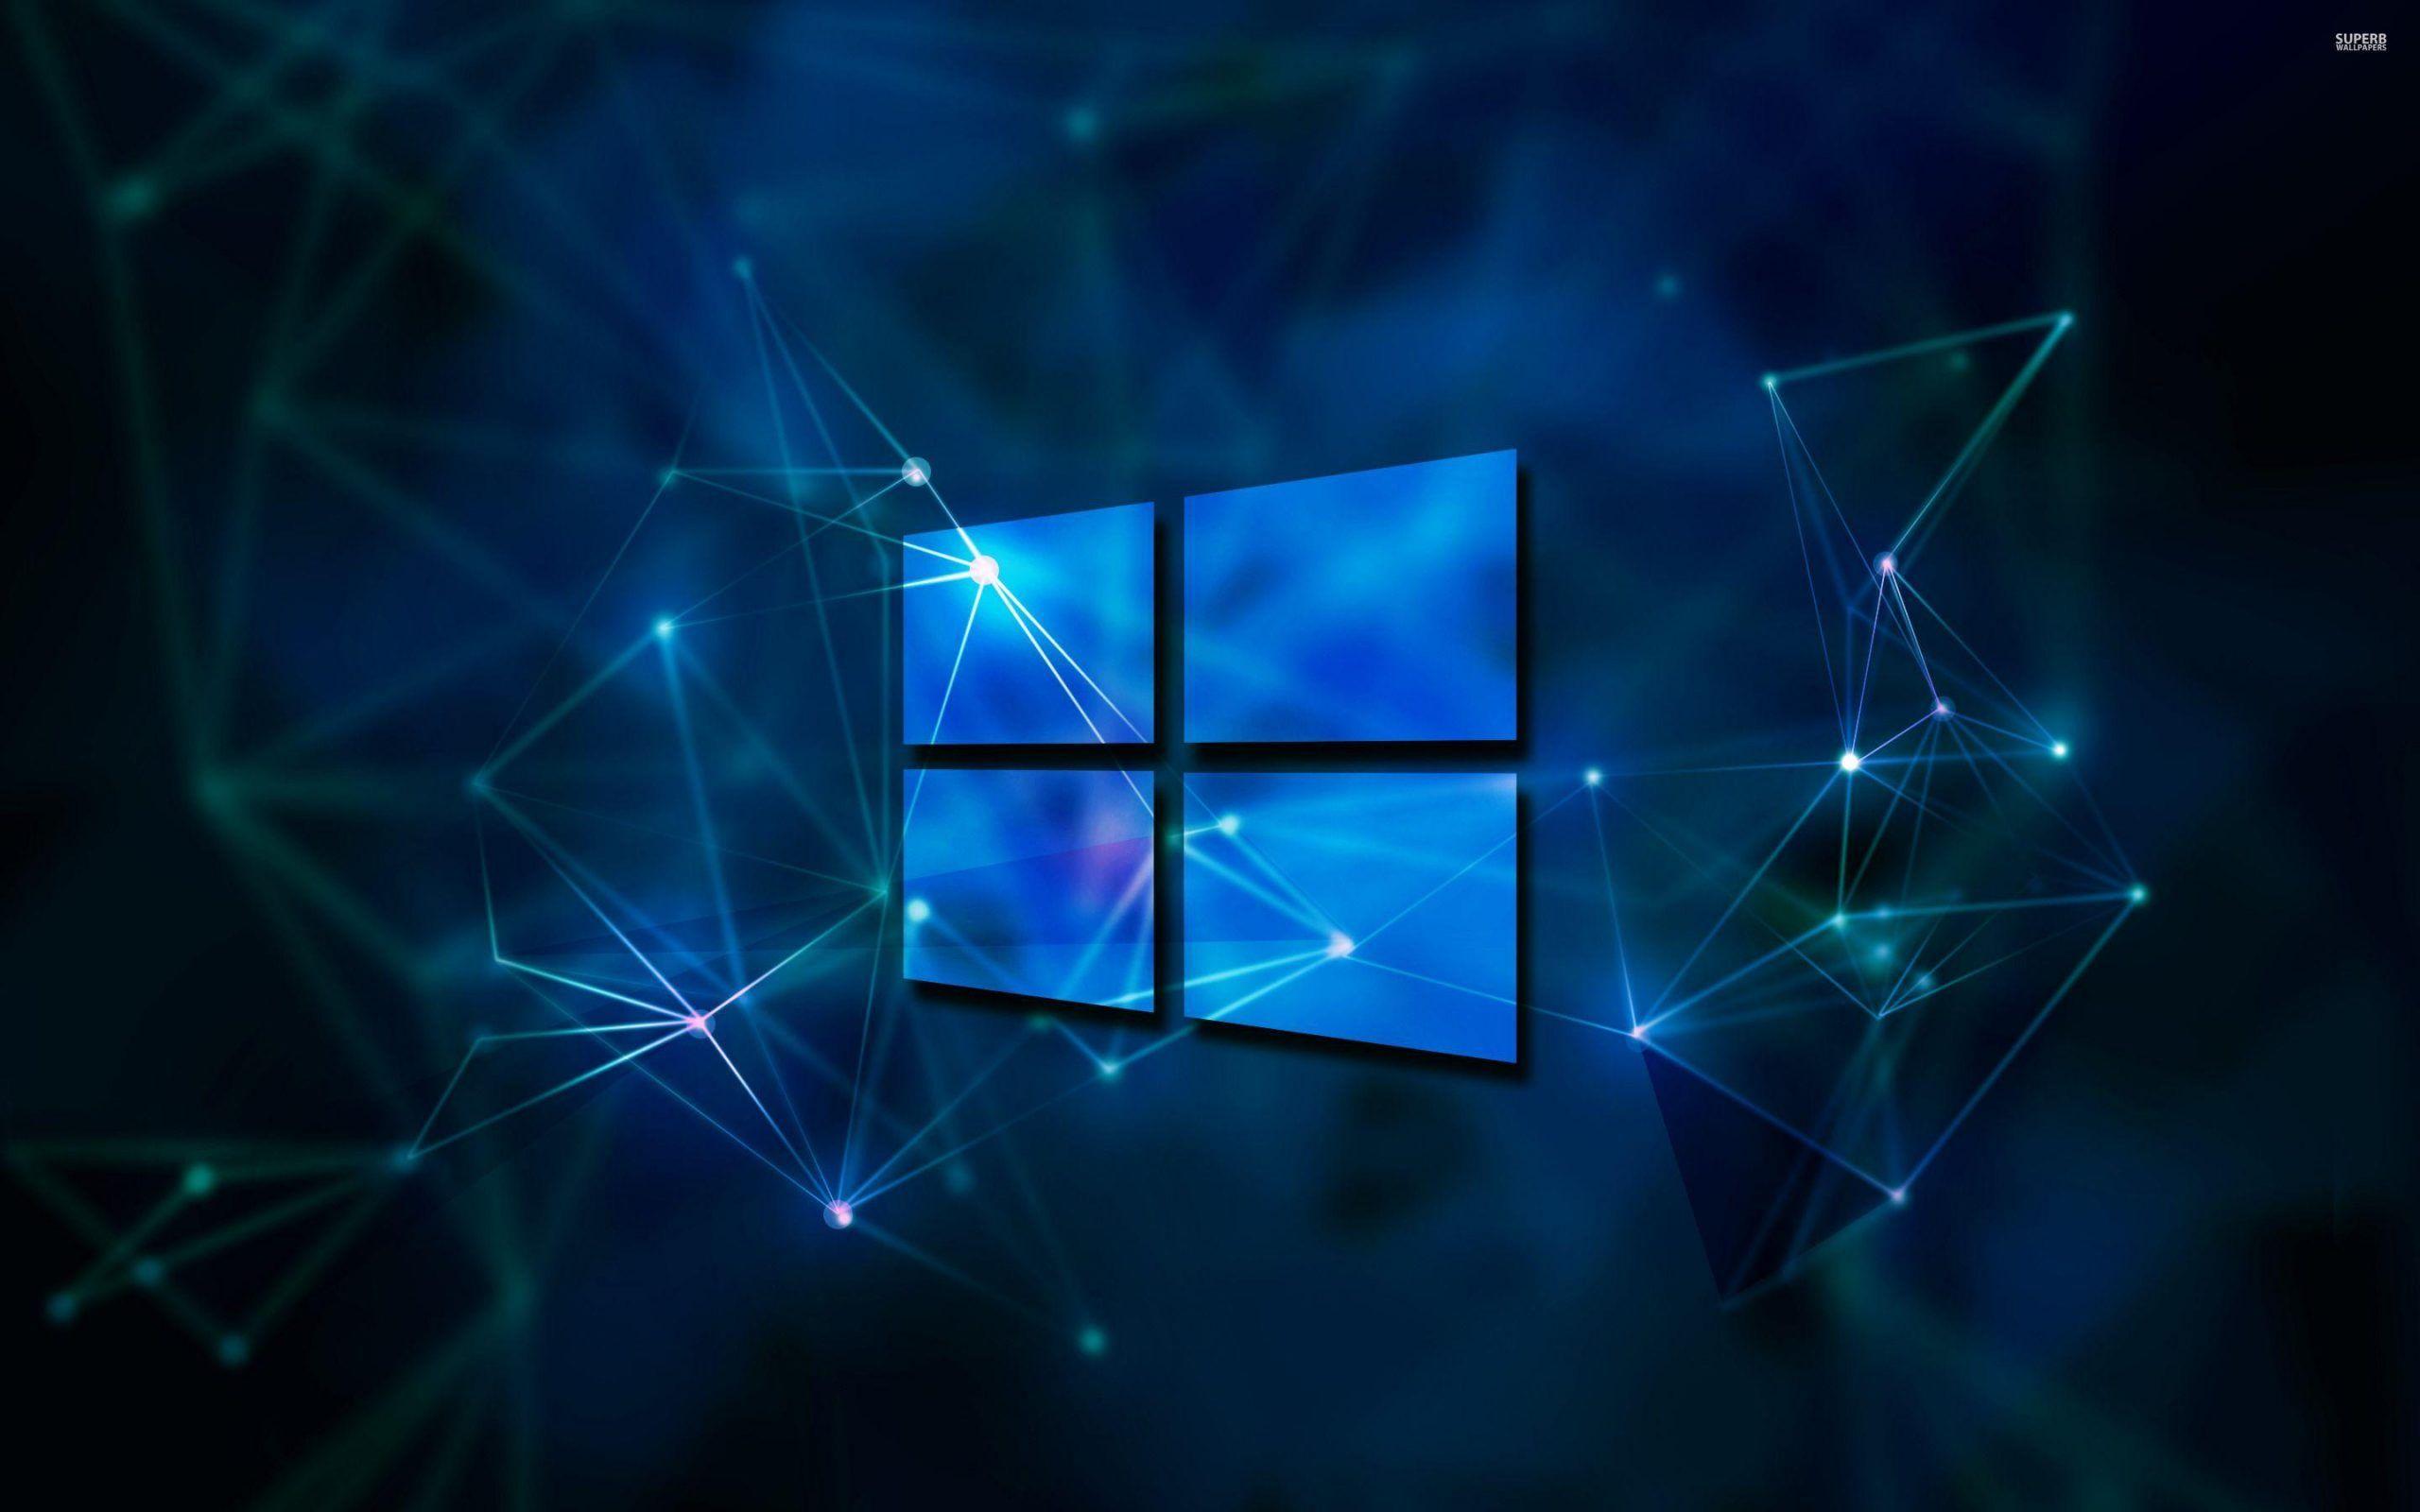 50 Download Wallpaper Windows 10 Hd Full Hd Dan 4k Paling Keren Wallpaper Laptop Wallpaper Hd Kertas Dinding